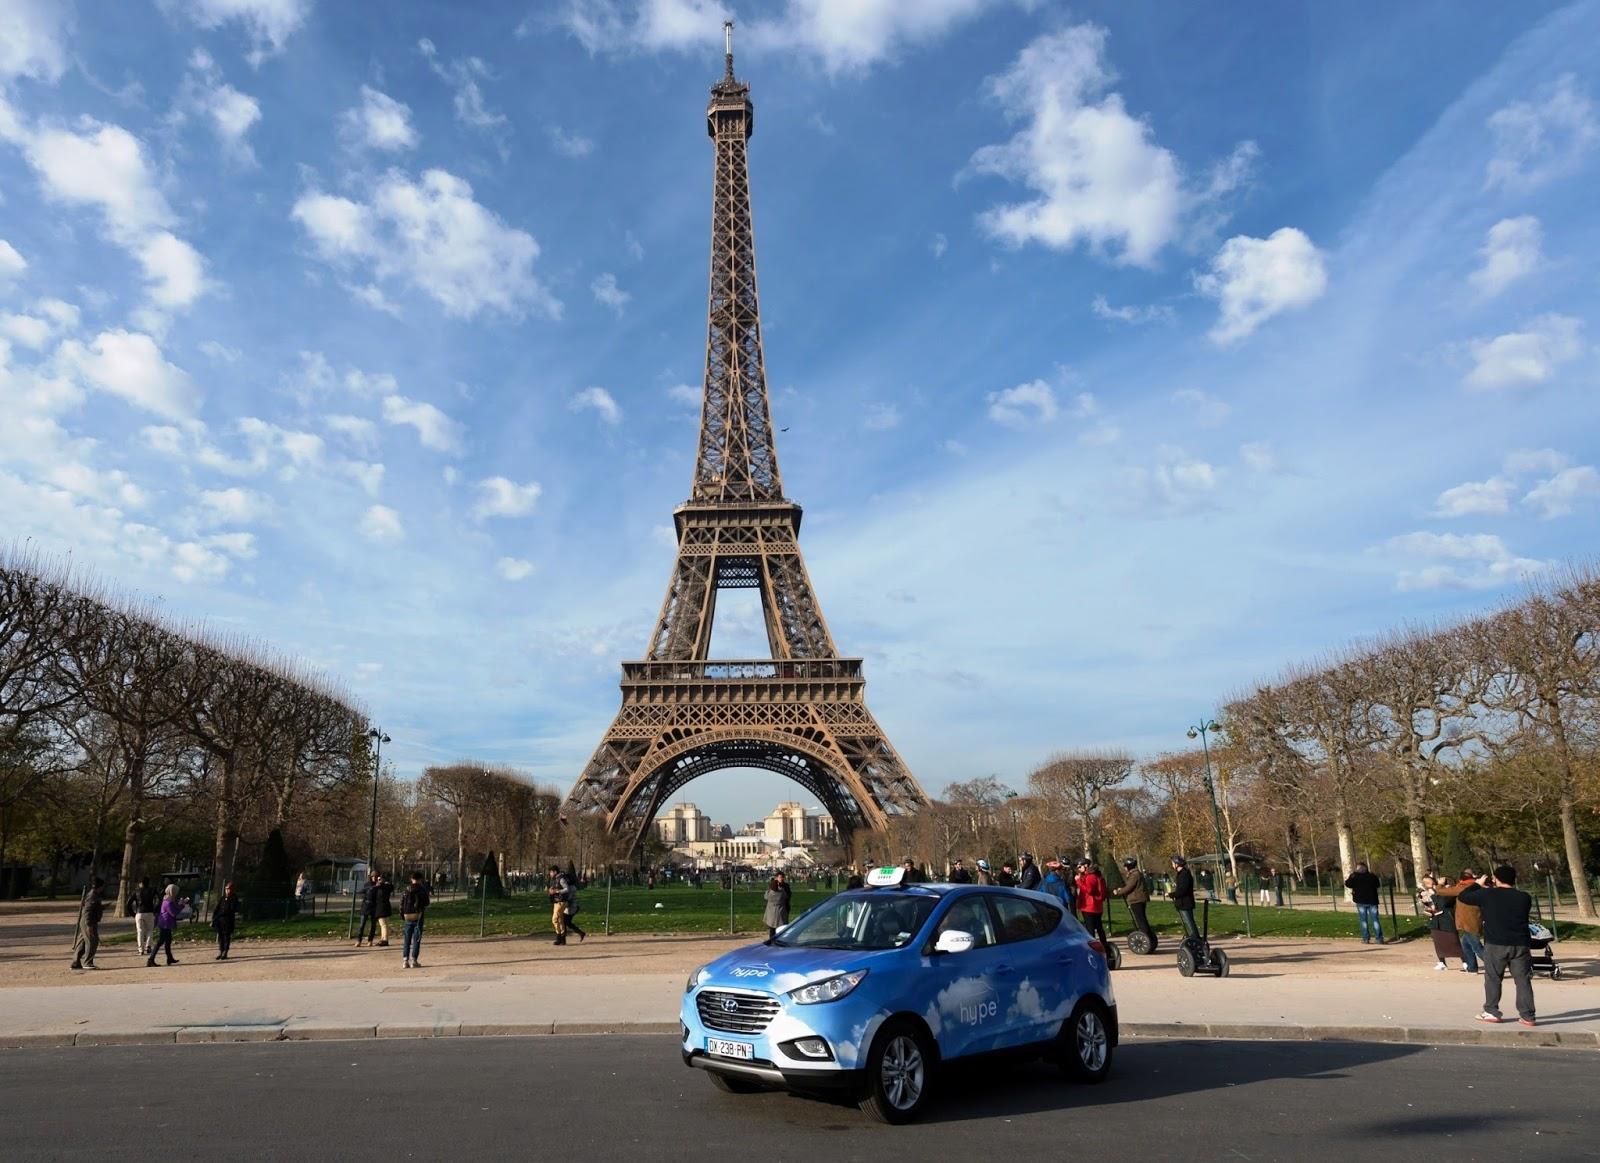 Ο μεγαλύτερος στόλος ταξί κυψελών καυσίμου στον κόσμο είναι Hyundai Future, Hyundai, Hyundai Ελλάς, κυψέλες καυσίμου, Τεχνολογία, υδρογόνο